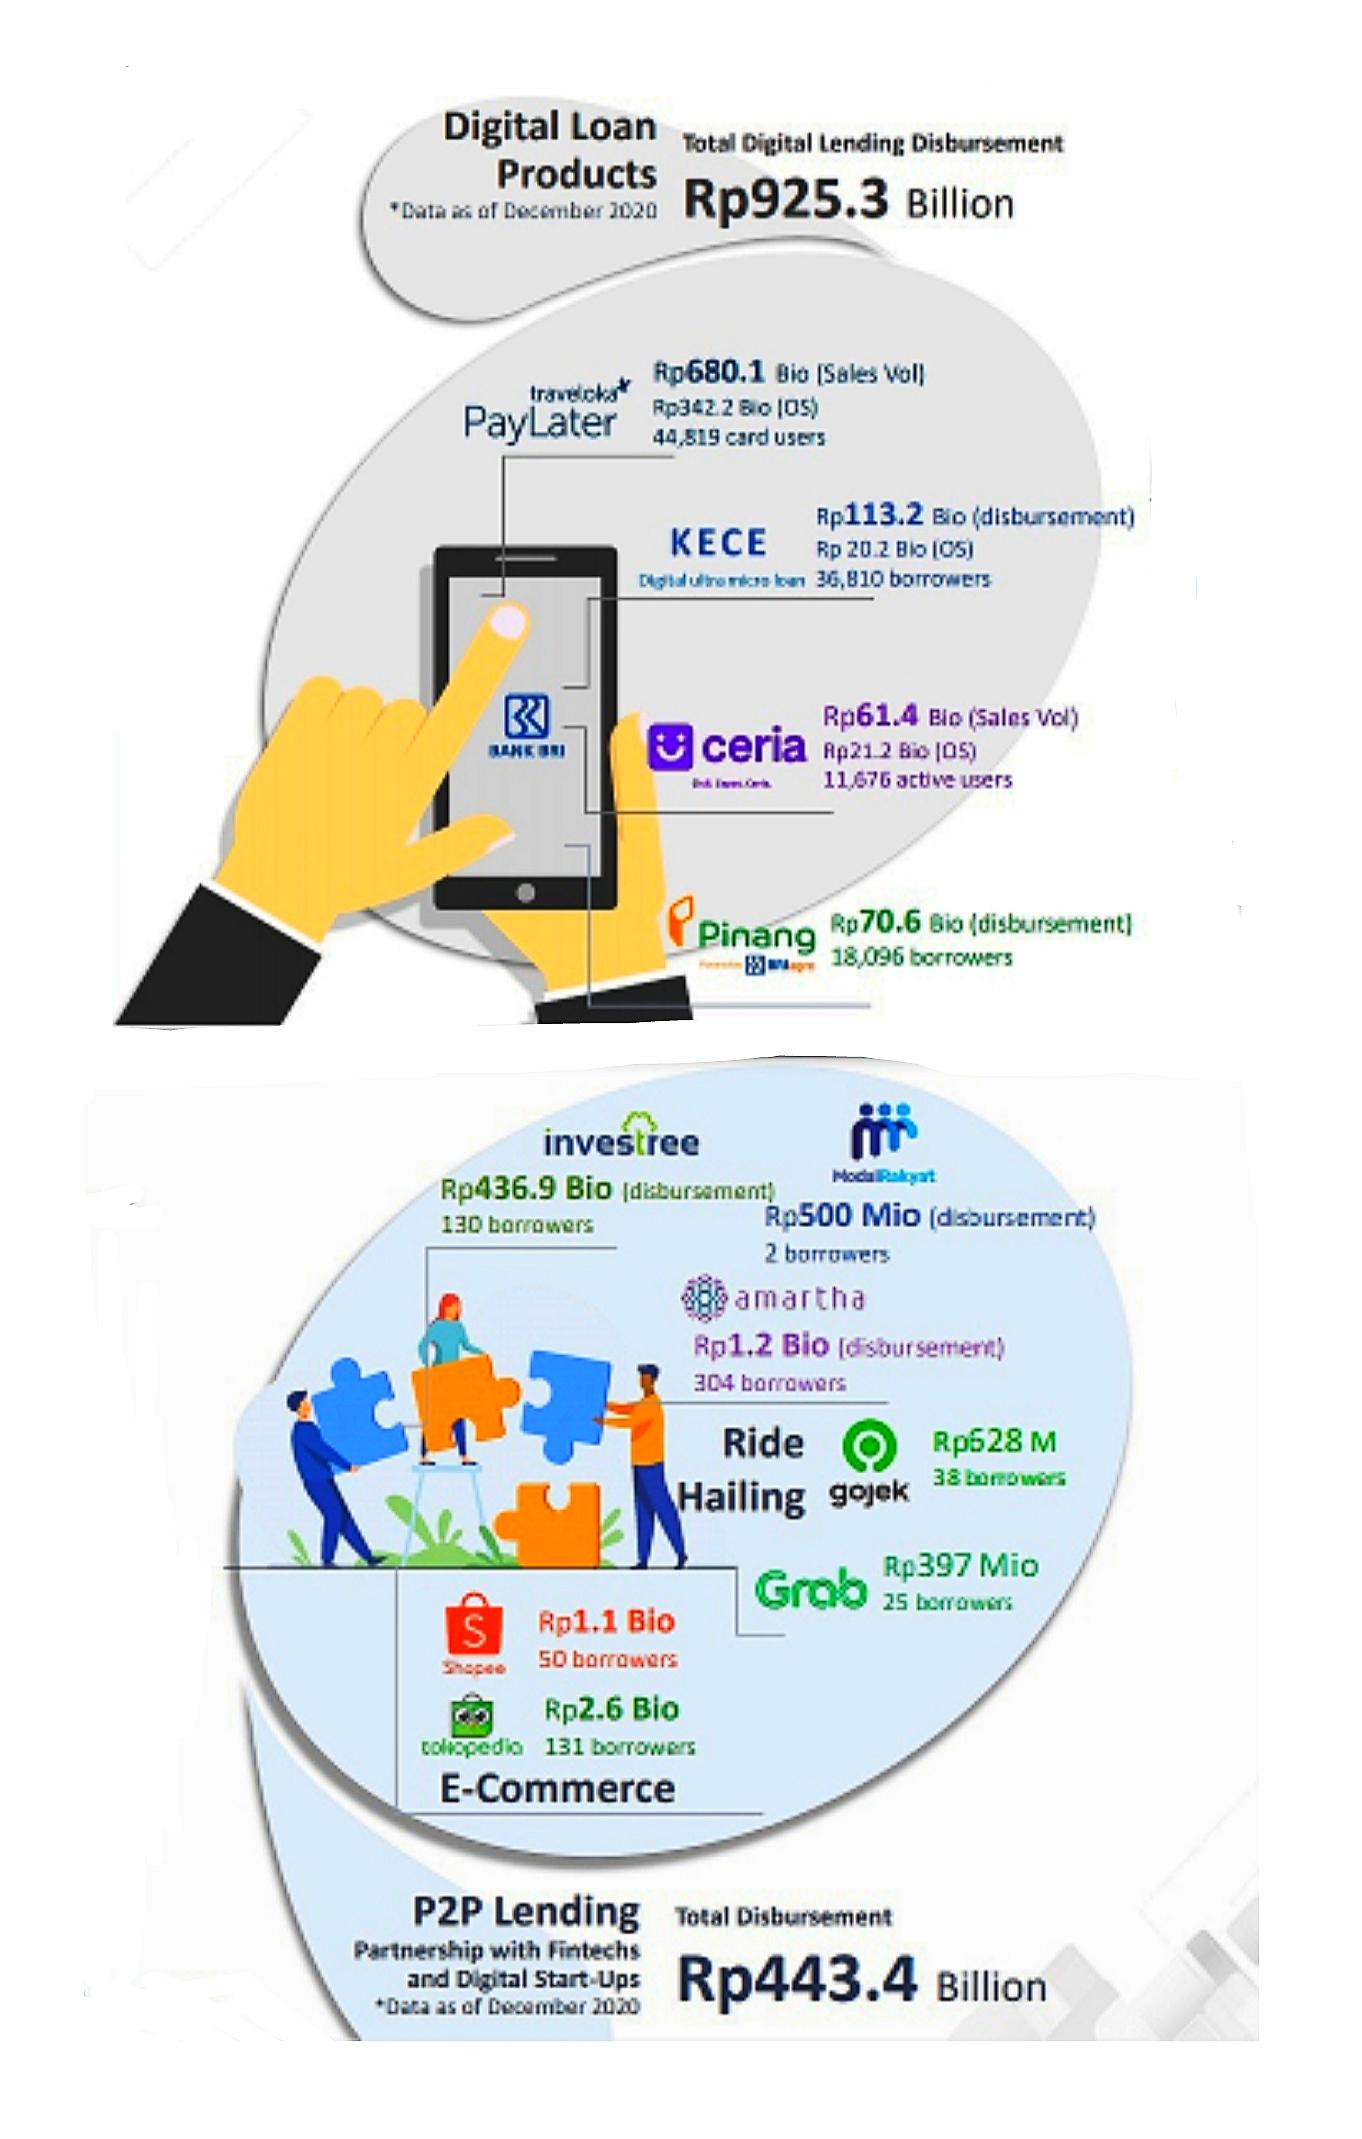 Penyaluran pinjaman oleh BRI lewat layanan digital pada 2020.